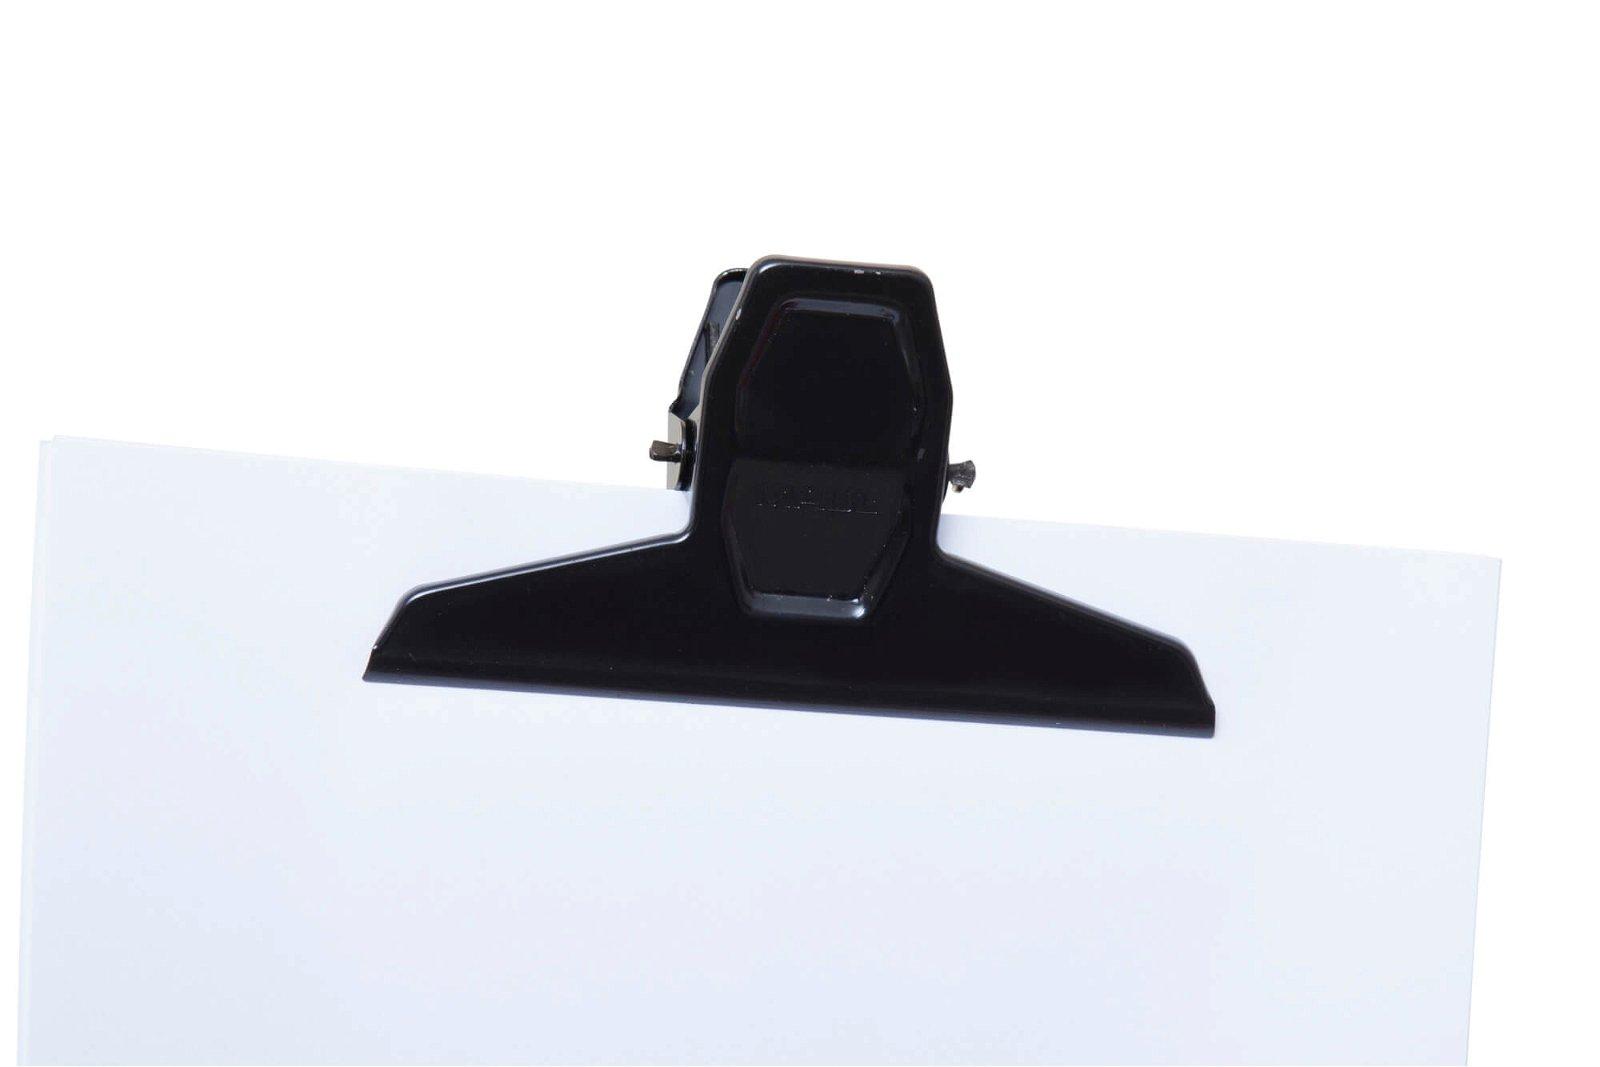 Brief-Klemmer MAULpro, Breite 125 mm, 2 St./Btl., schwarz